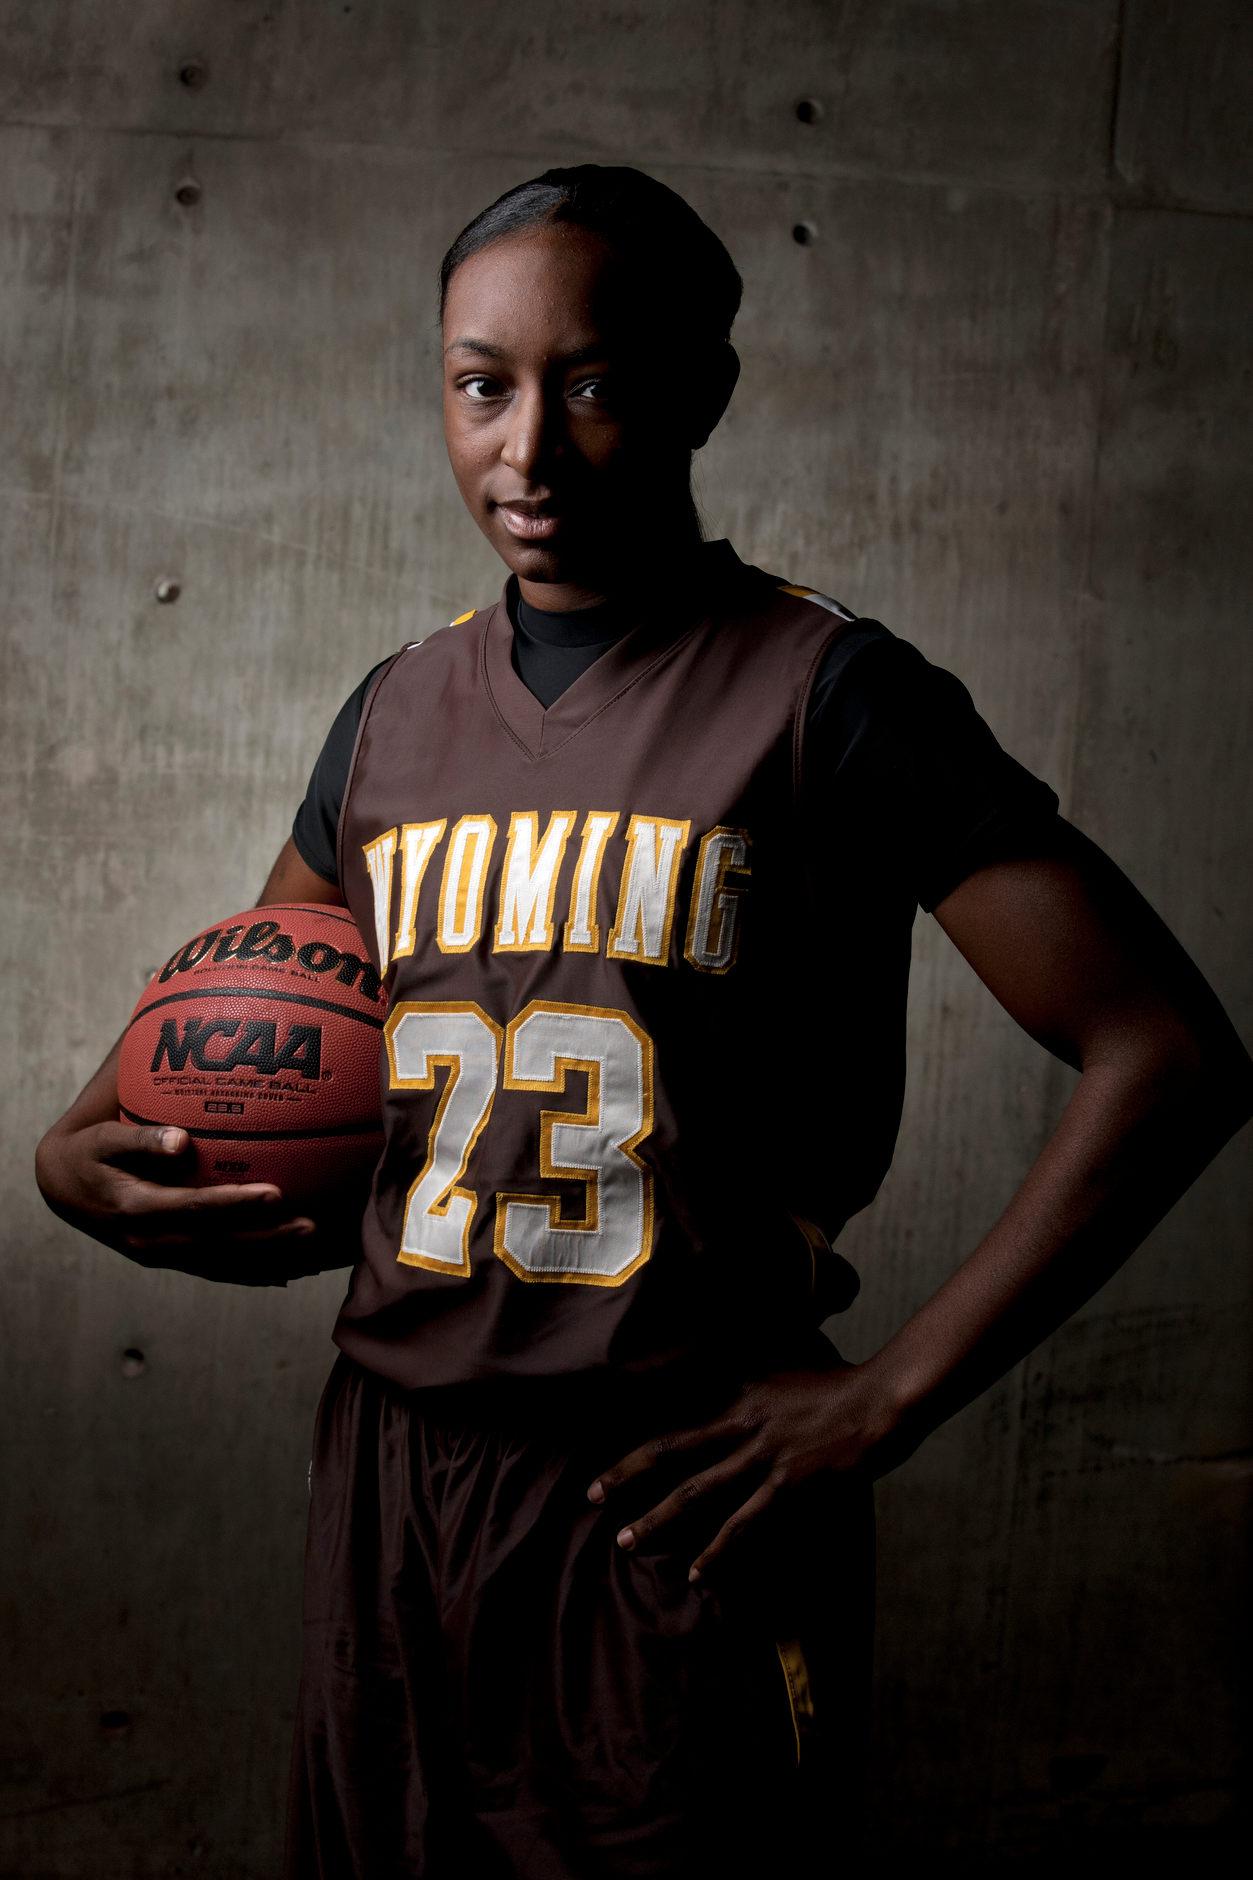 Wyoming basketball player Chelan Landry – Laramie, Wyoming – Oct. 19, 2011. (Photo by James Brosher)